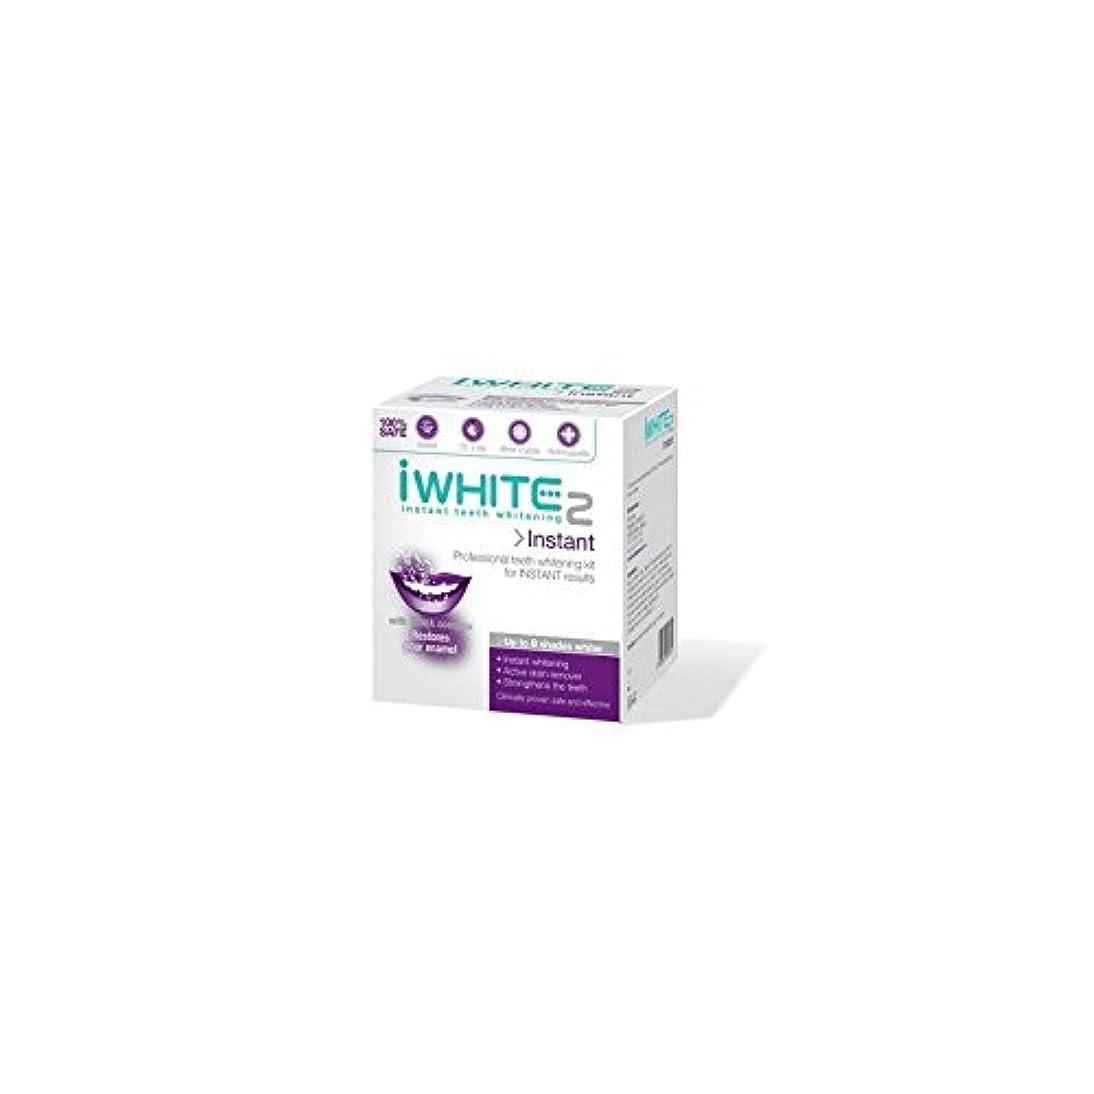 イーウェル公演最終的にインスタントキットを白く2本のプロ歯(10トレイ) x2 - iWhite Instant 2 Professional Teeth Whitening Kit (10 Trays) (Pack of 2) [並行輸入品]